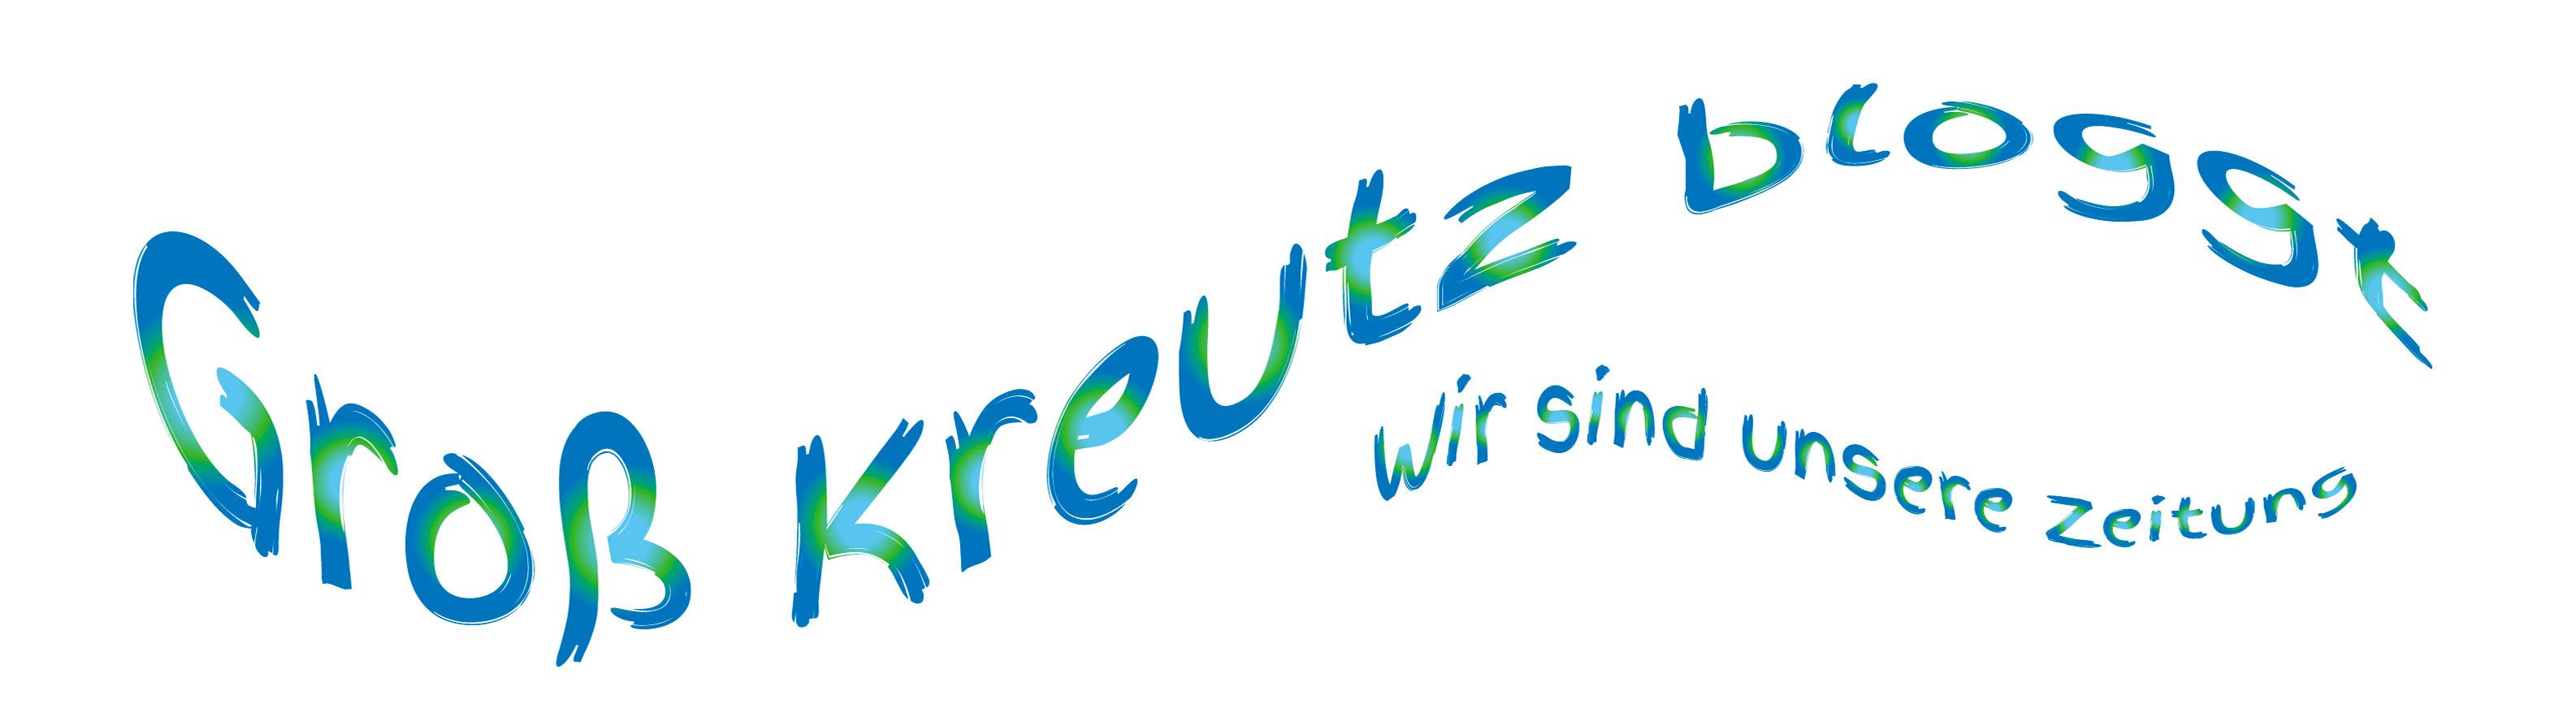 GrossKreutzBloggt-r